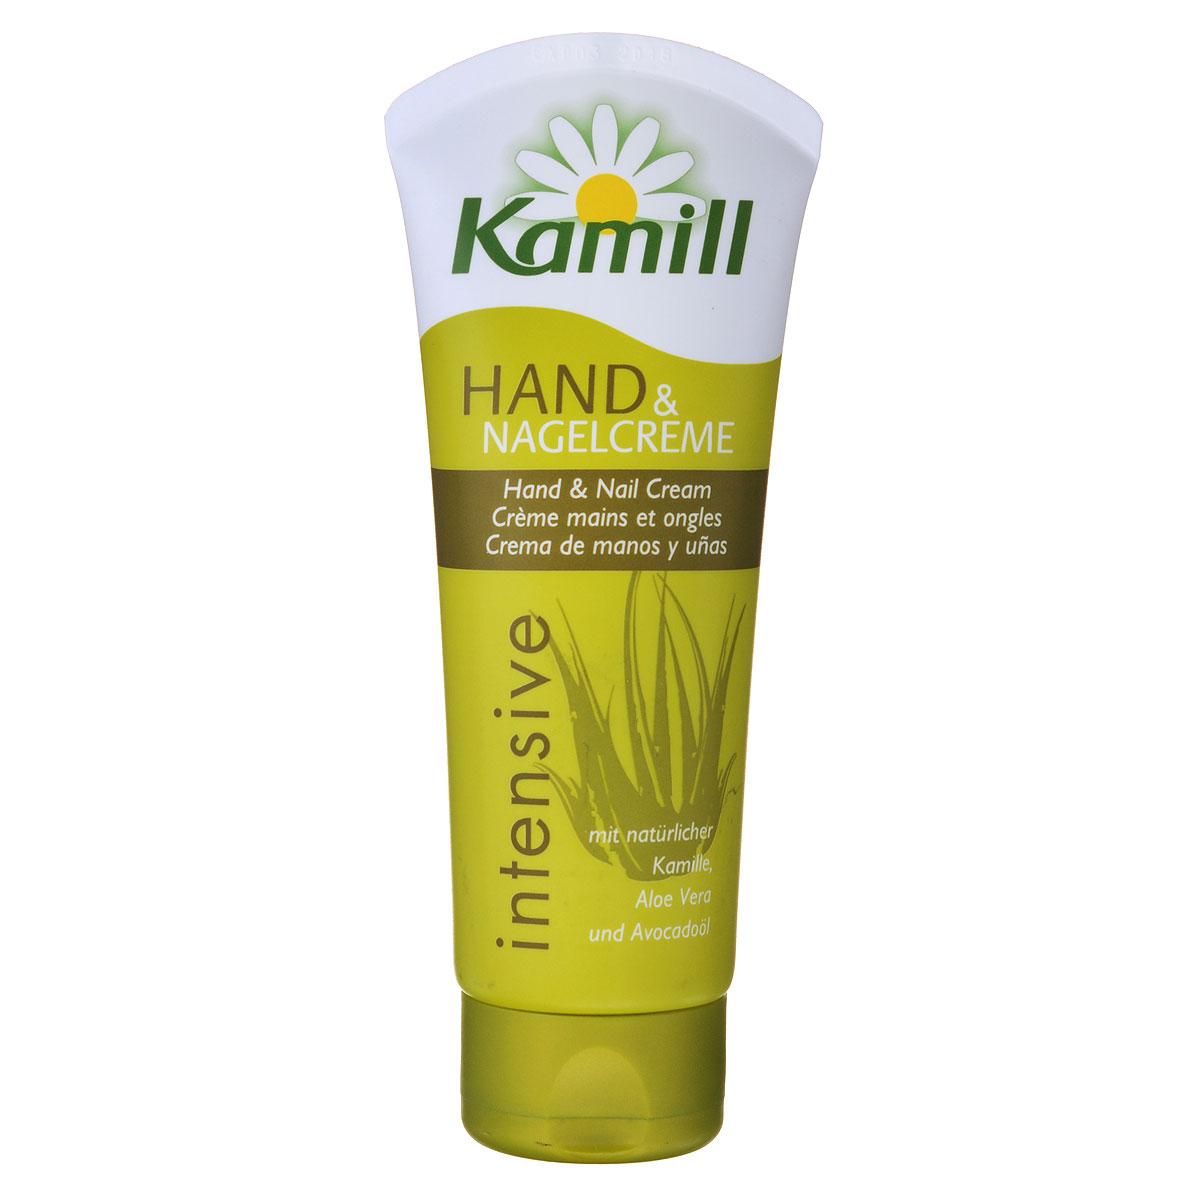 Kamill Крем для рук и ногтей Intensiv, 100 мл26950132Крем для рук и ногтей Kamill Intensiv дарит капризной и сухой коже интенсивную влагу на долгое время. Формула с концентратом ромашки, способствующая регулированию баланса кожи, действует успокаивающее и приятно ухаживает за кожей. Масло авокадо и алоэ быстро впитываются и интенсивно увлажняют кожу.Товар сертифицирован.